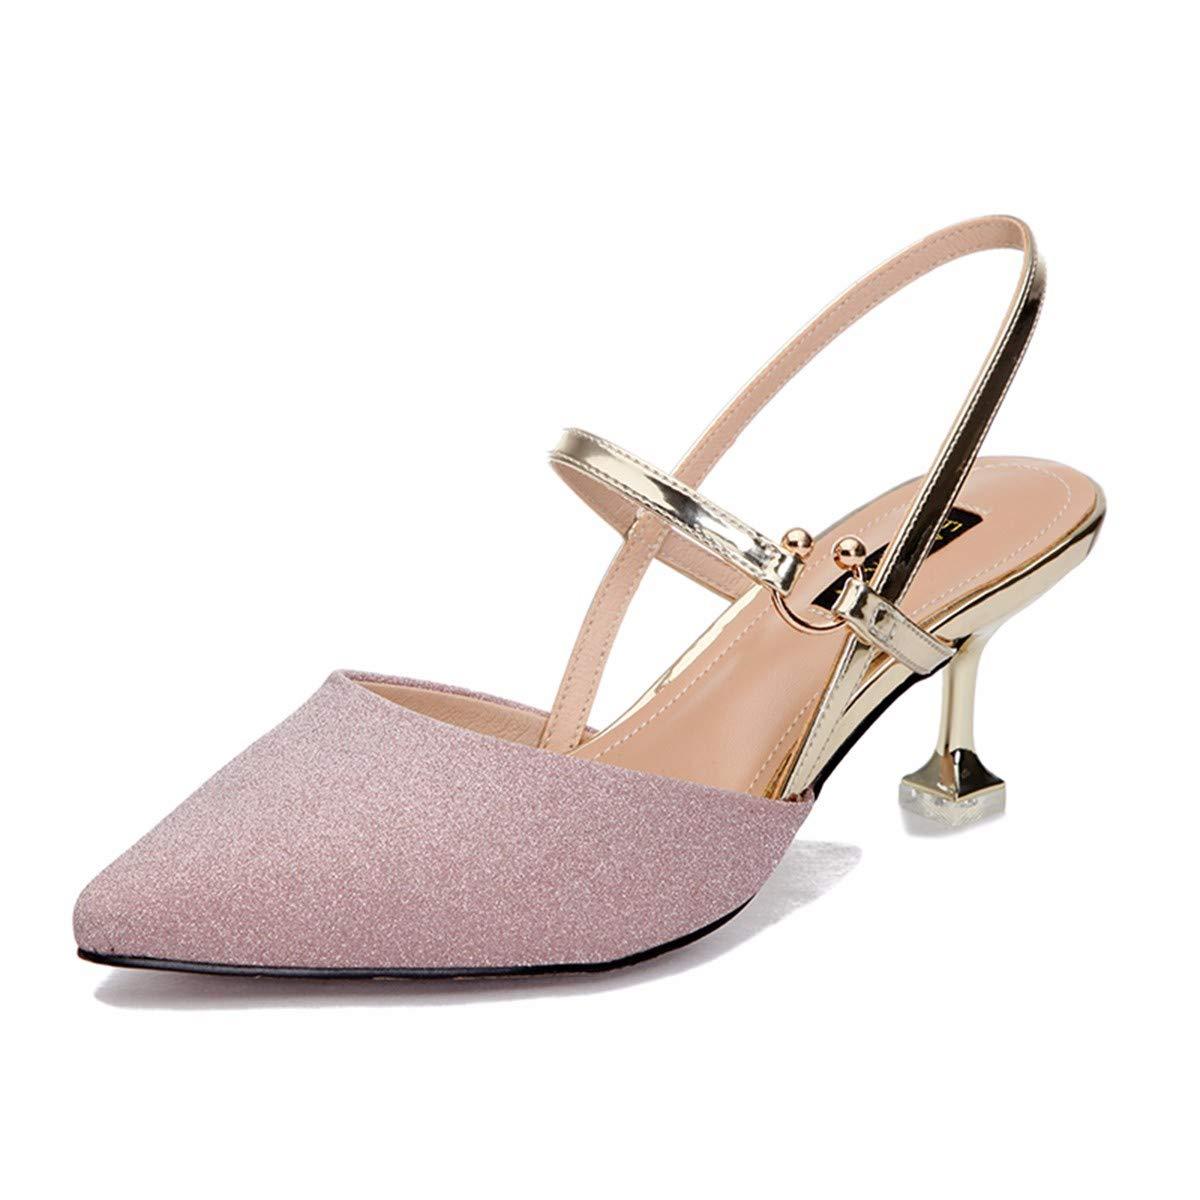 KPHY Damenschuhe/Frische 6 cm Wort Hochhackigen Schuhe Baotou Sandalen Mode Ein Wort cm Mit Knöpfen Pailletten-Schuhe.39 Pink- d9a273